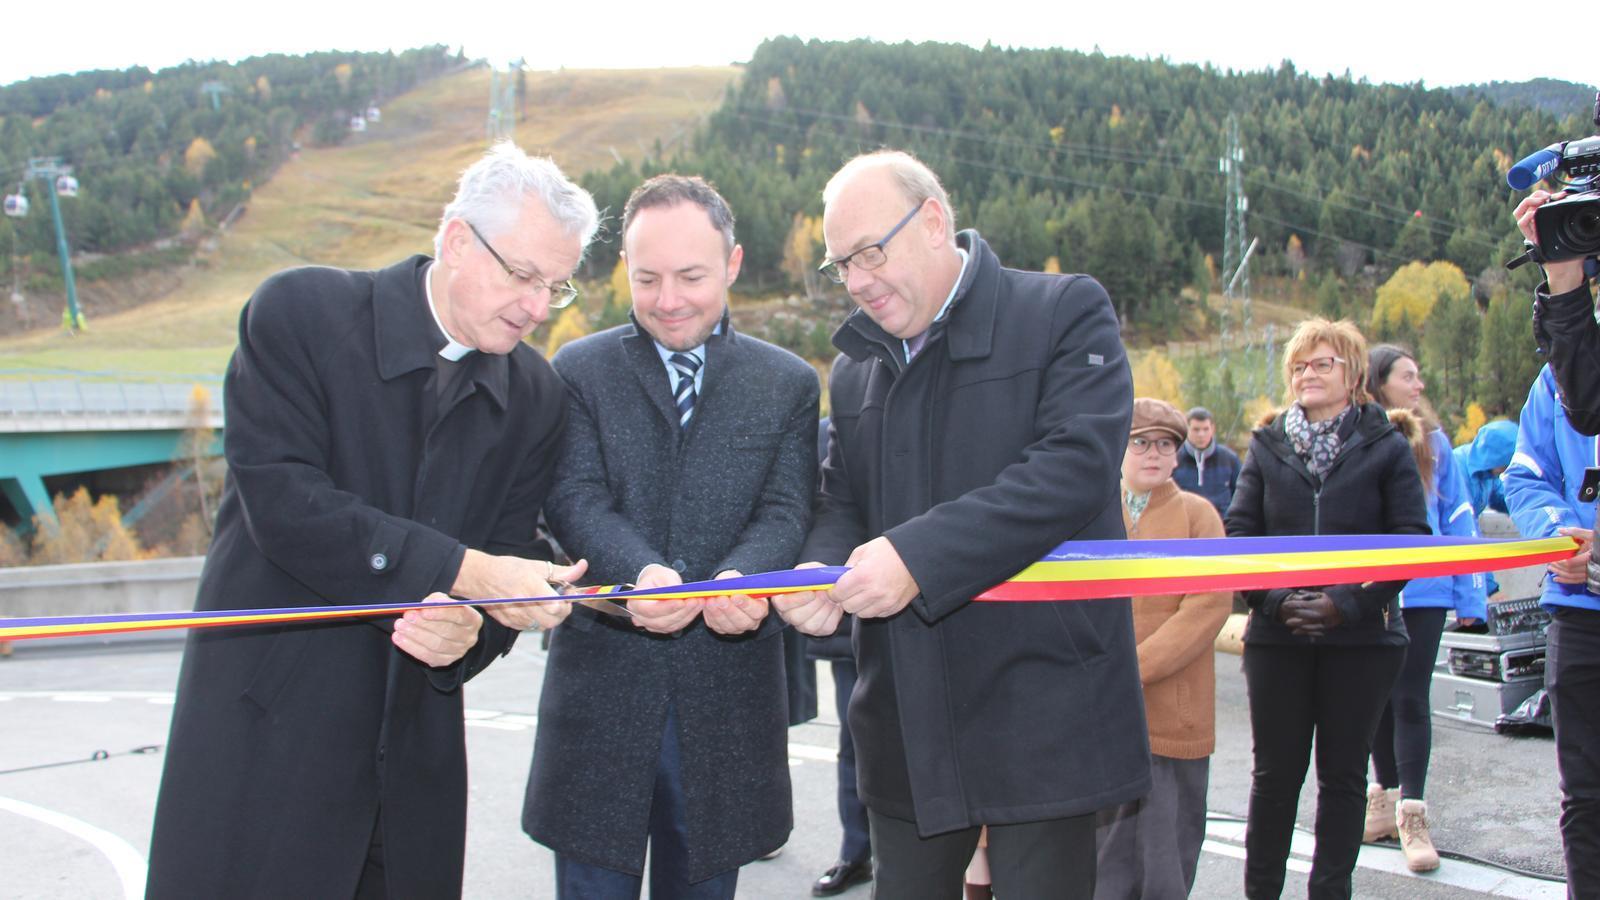 Instant de la inauguració amb el tall de cinta amb Joan-Enric Vives, Xavier Espot i Josep Mandicó. / A.S.